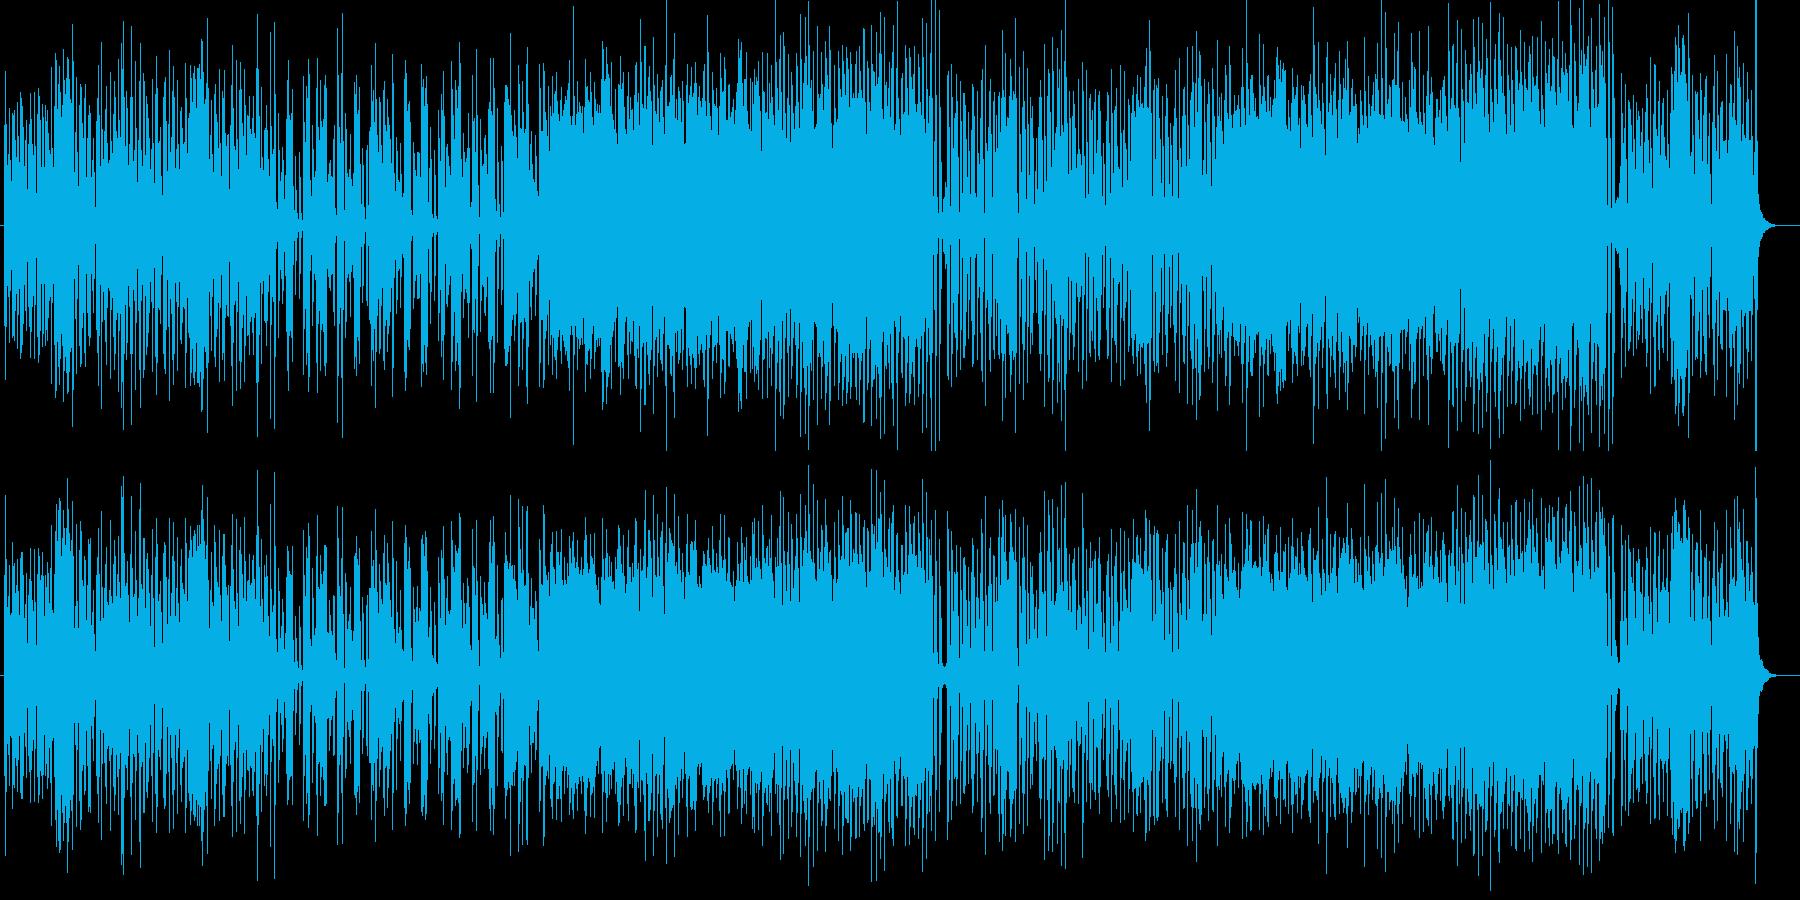 ほのぼのと楽しいシンセポップスの再生済みの波形